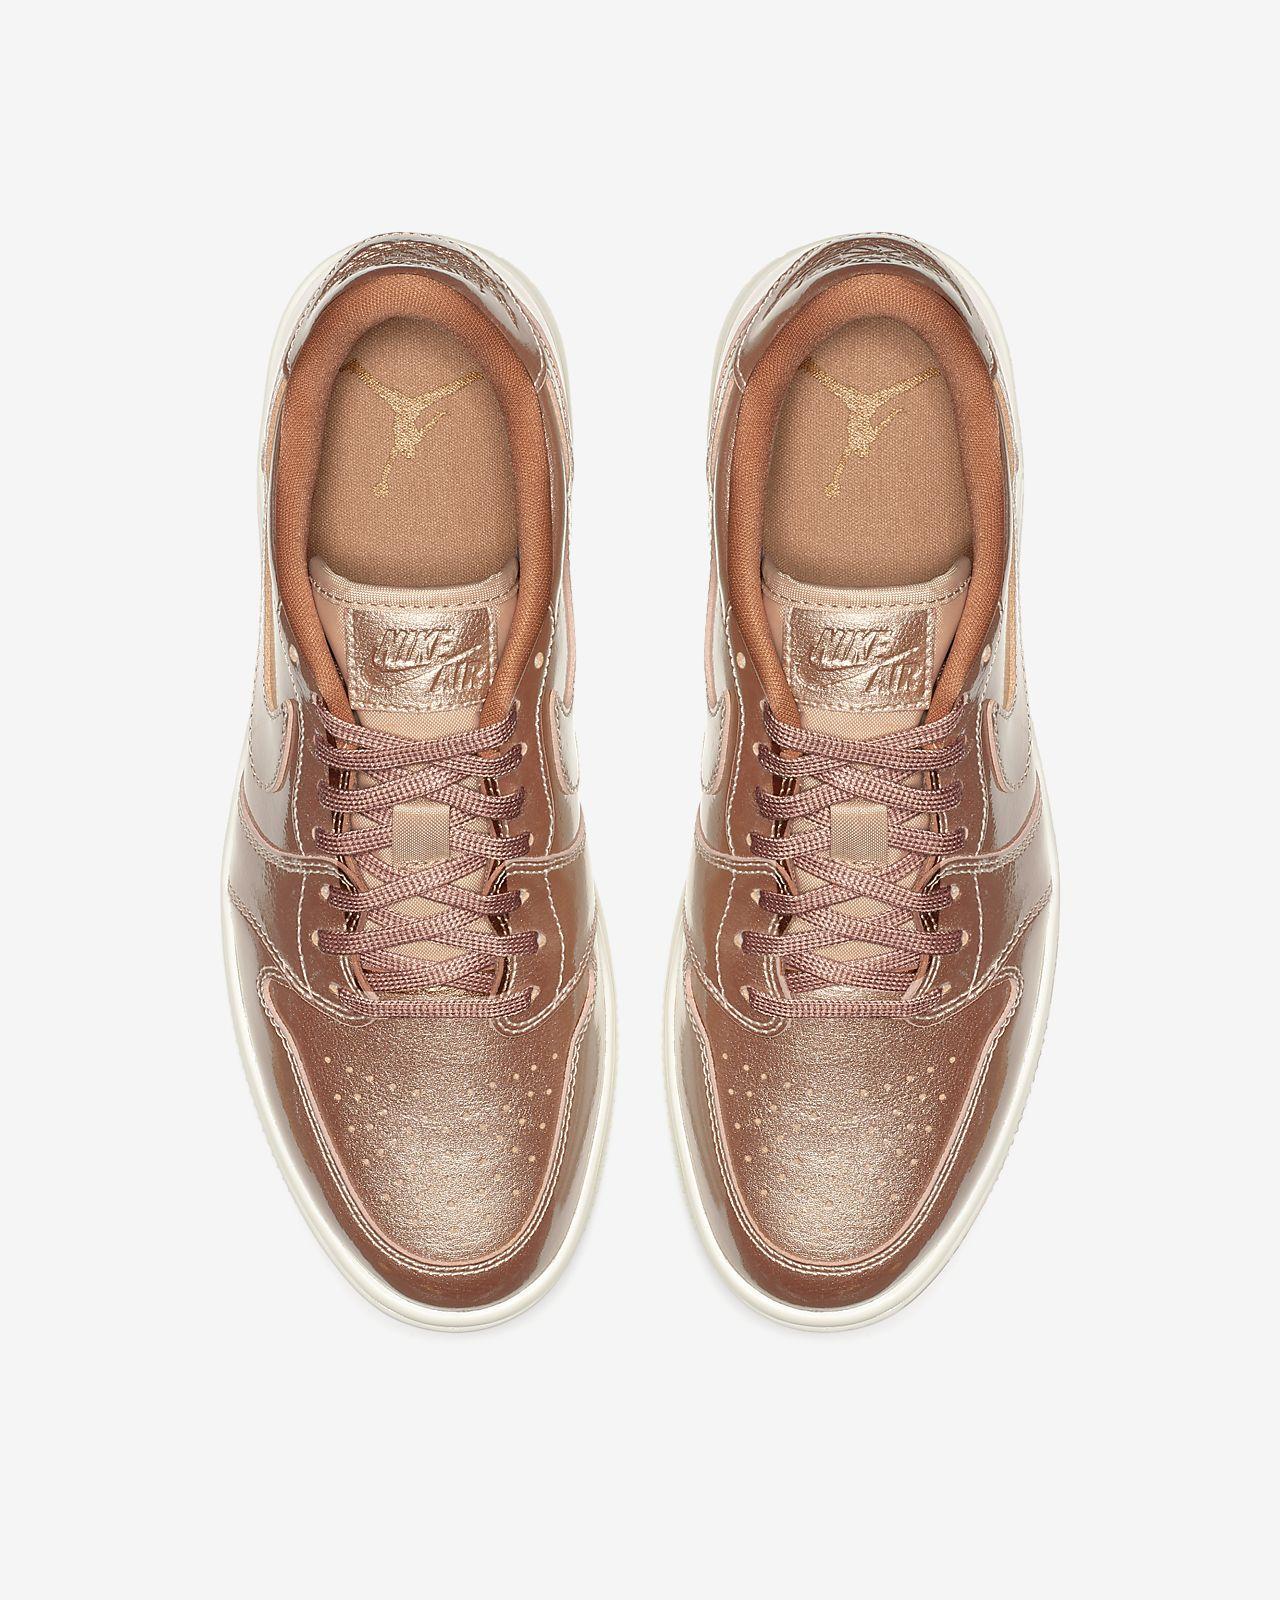 Air Jordan 4 Retro 3 5y 9 5y Girls Shoe